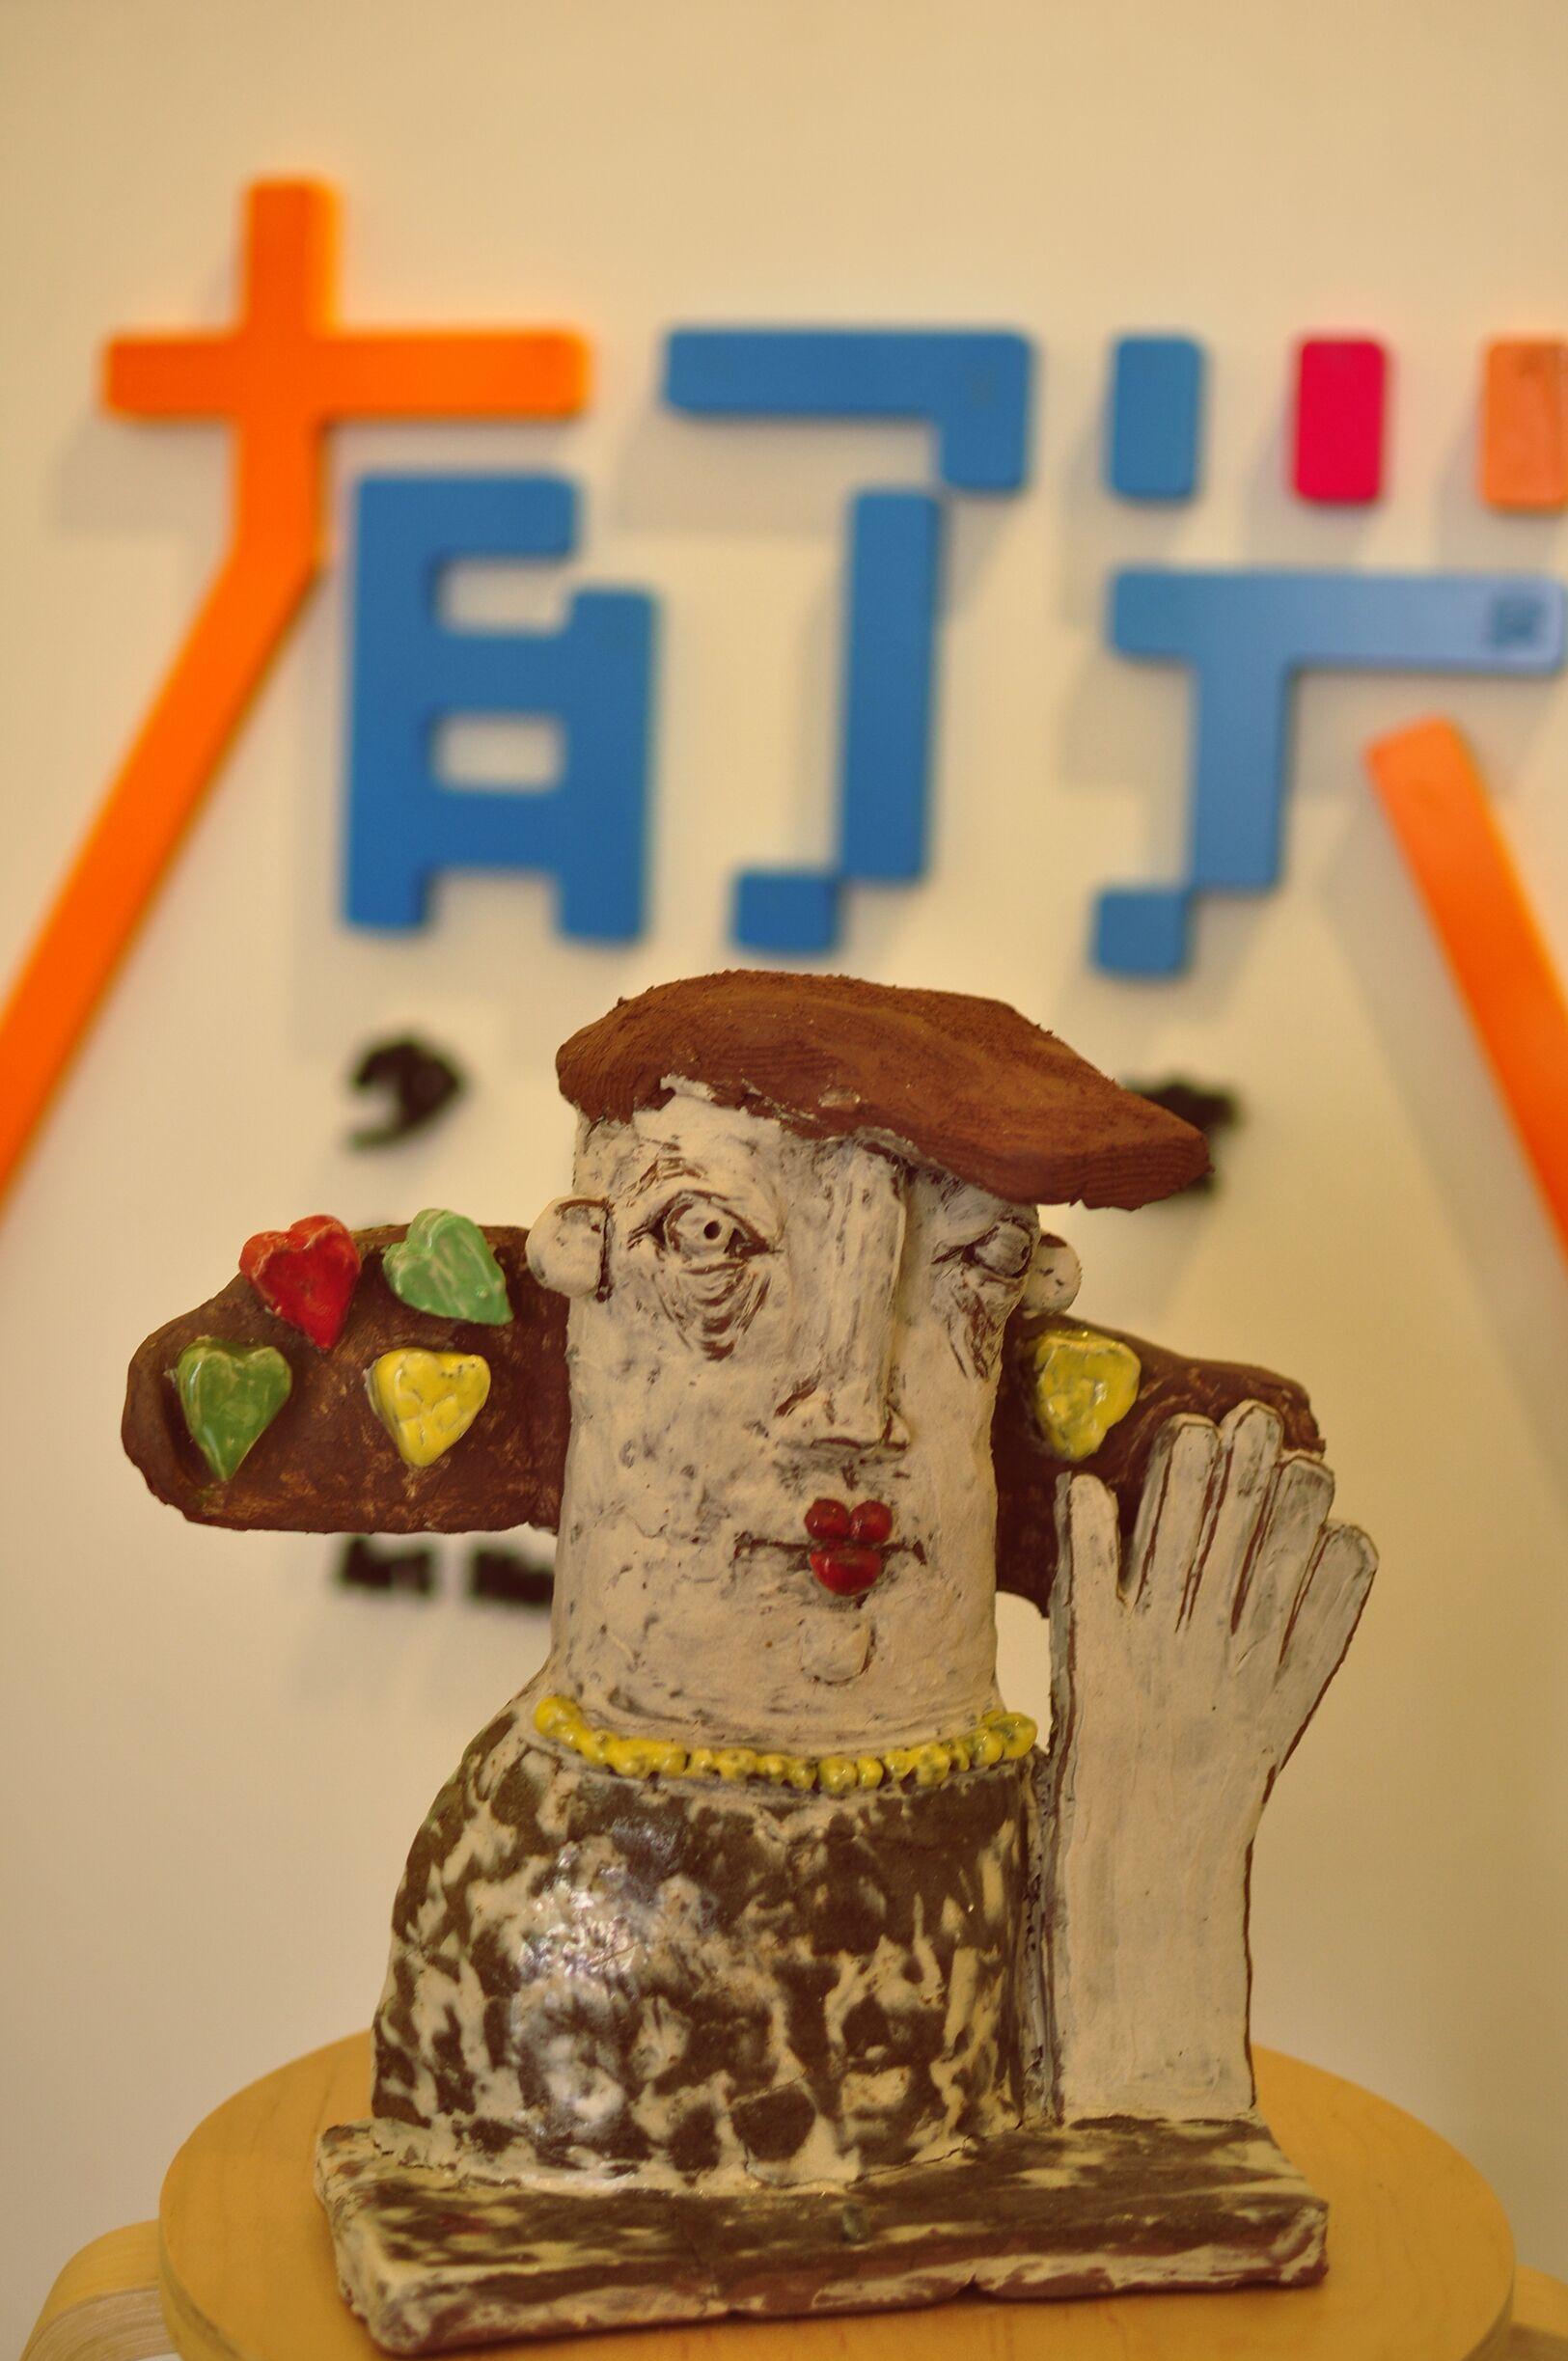 宁波课程 艺术培训 雕塑培训 陶艺培训  有了光少儿创意艺术馆 开设了